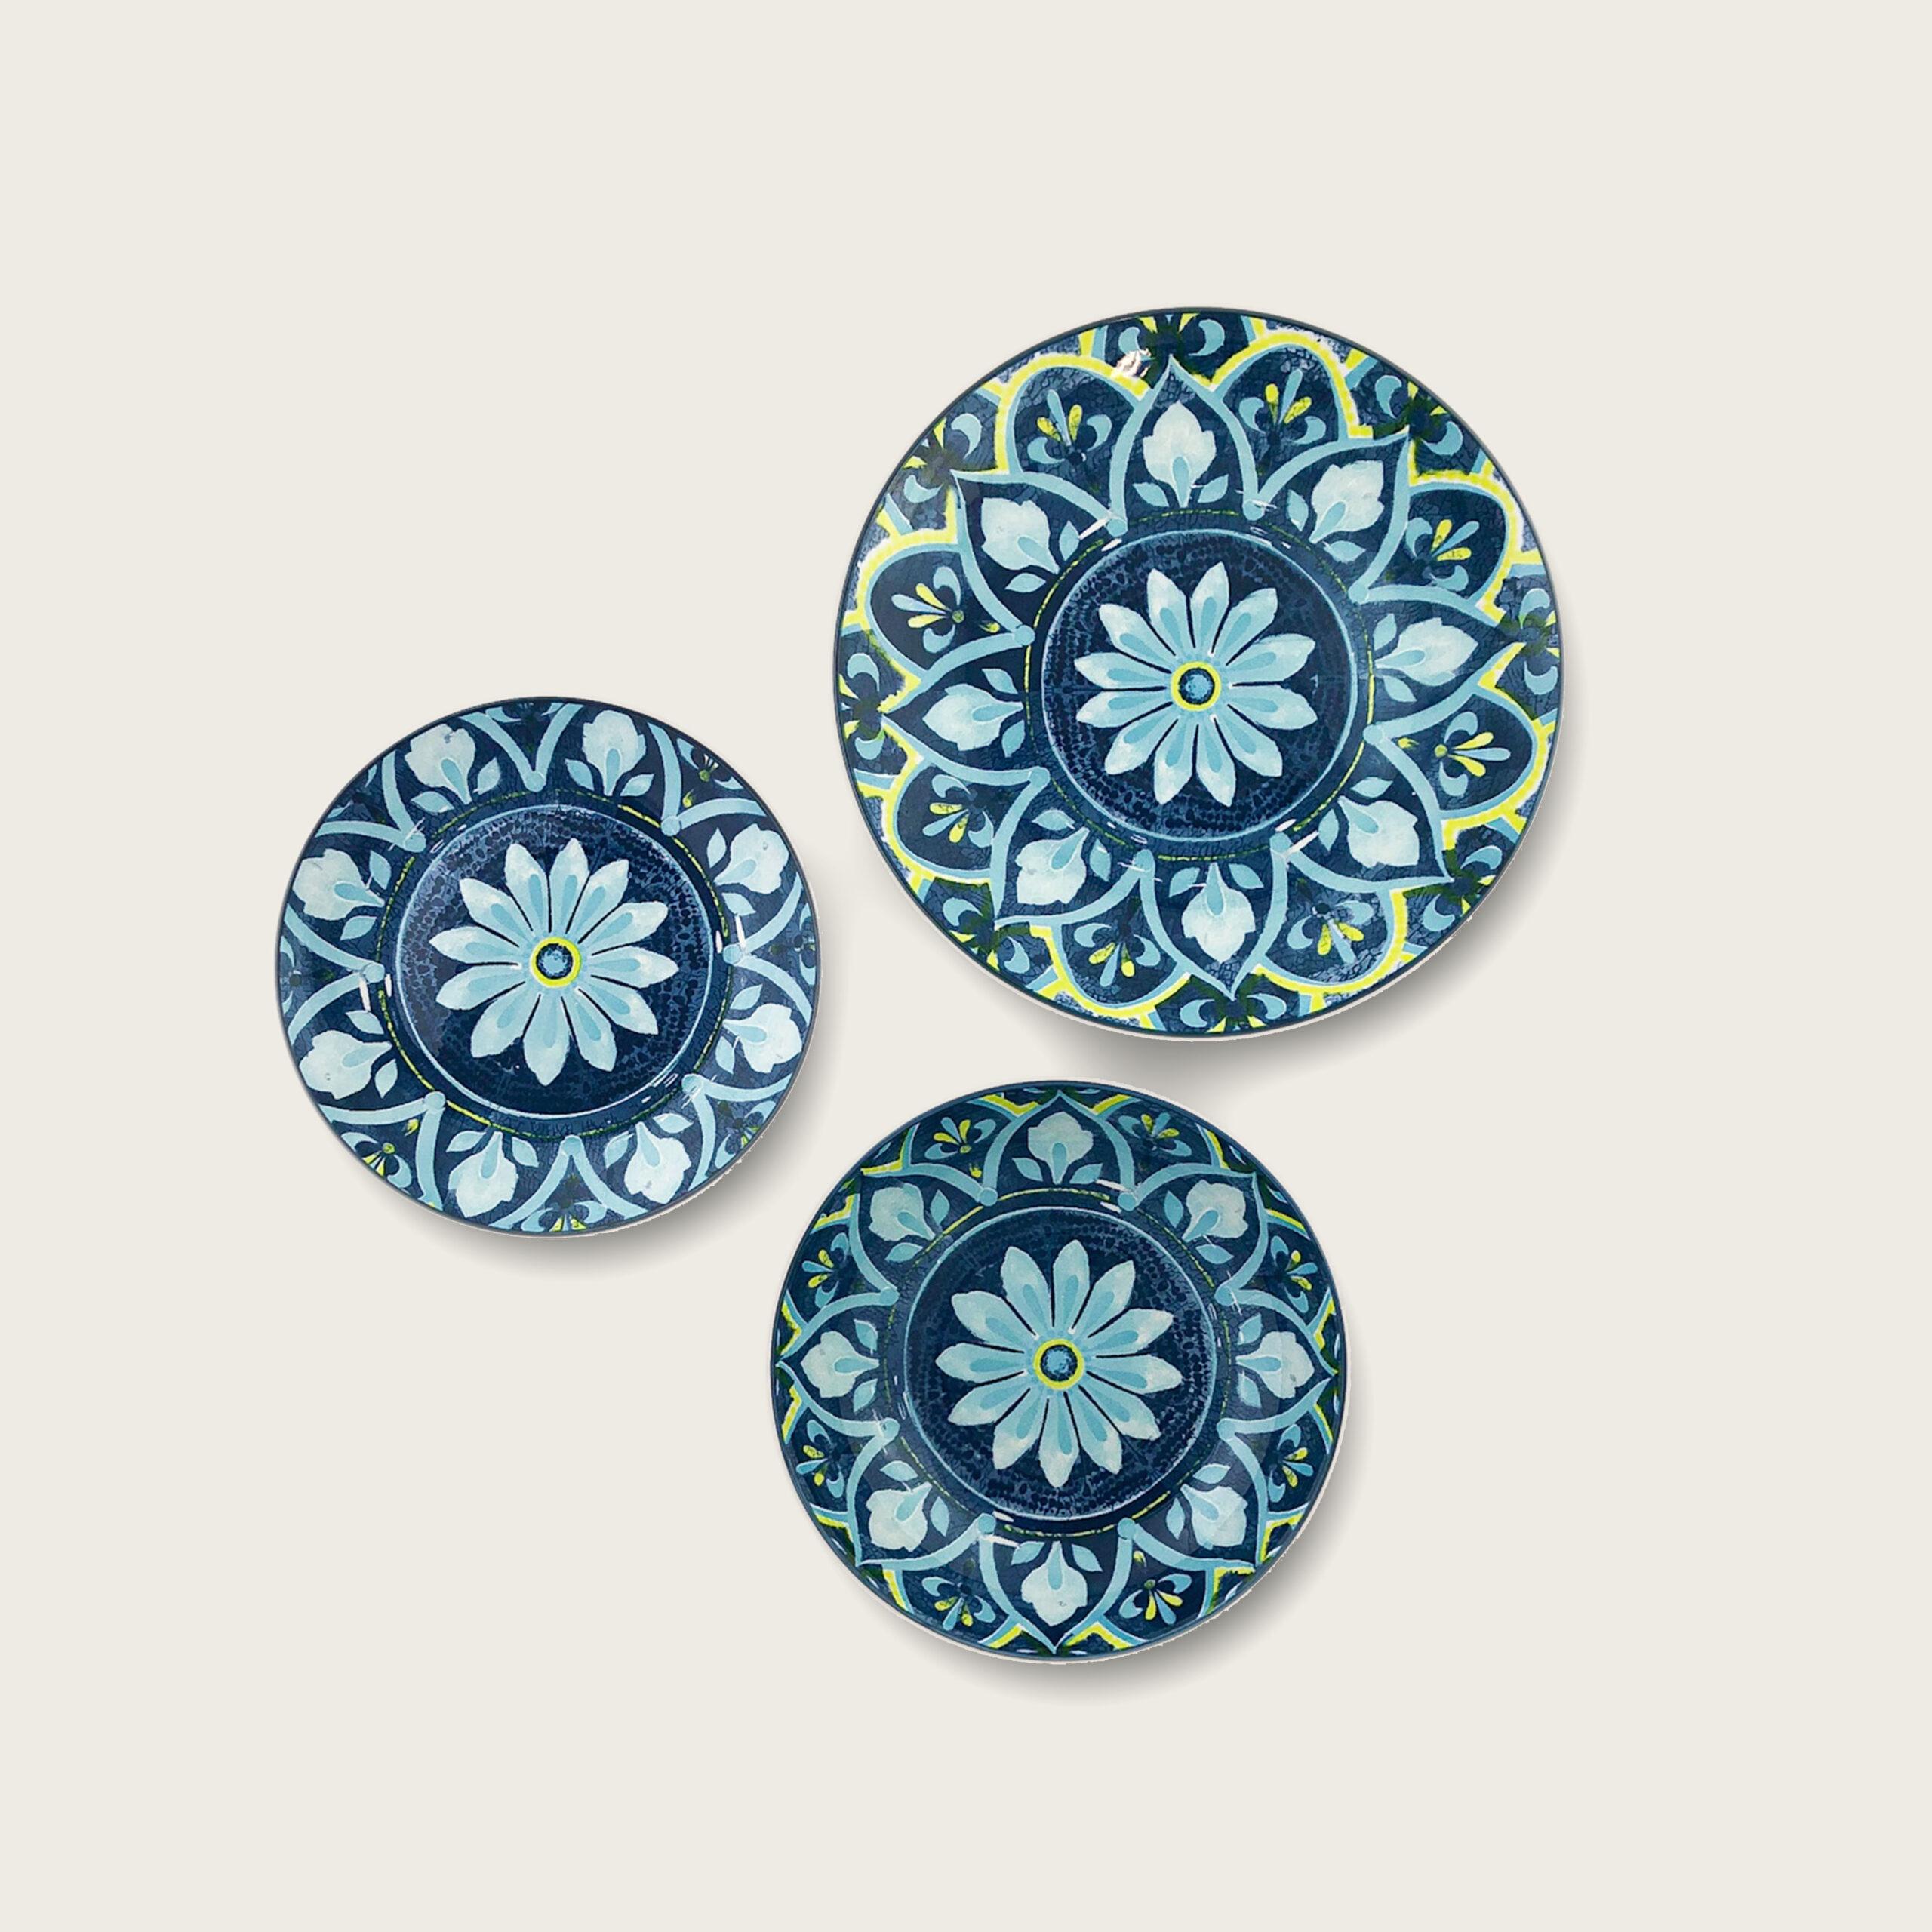 Kyoto summer piatti in porcellana decoro fiore azzurro